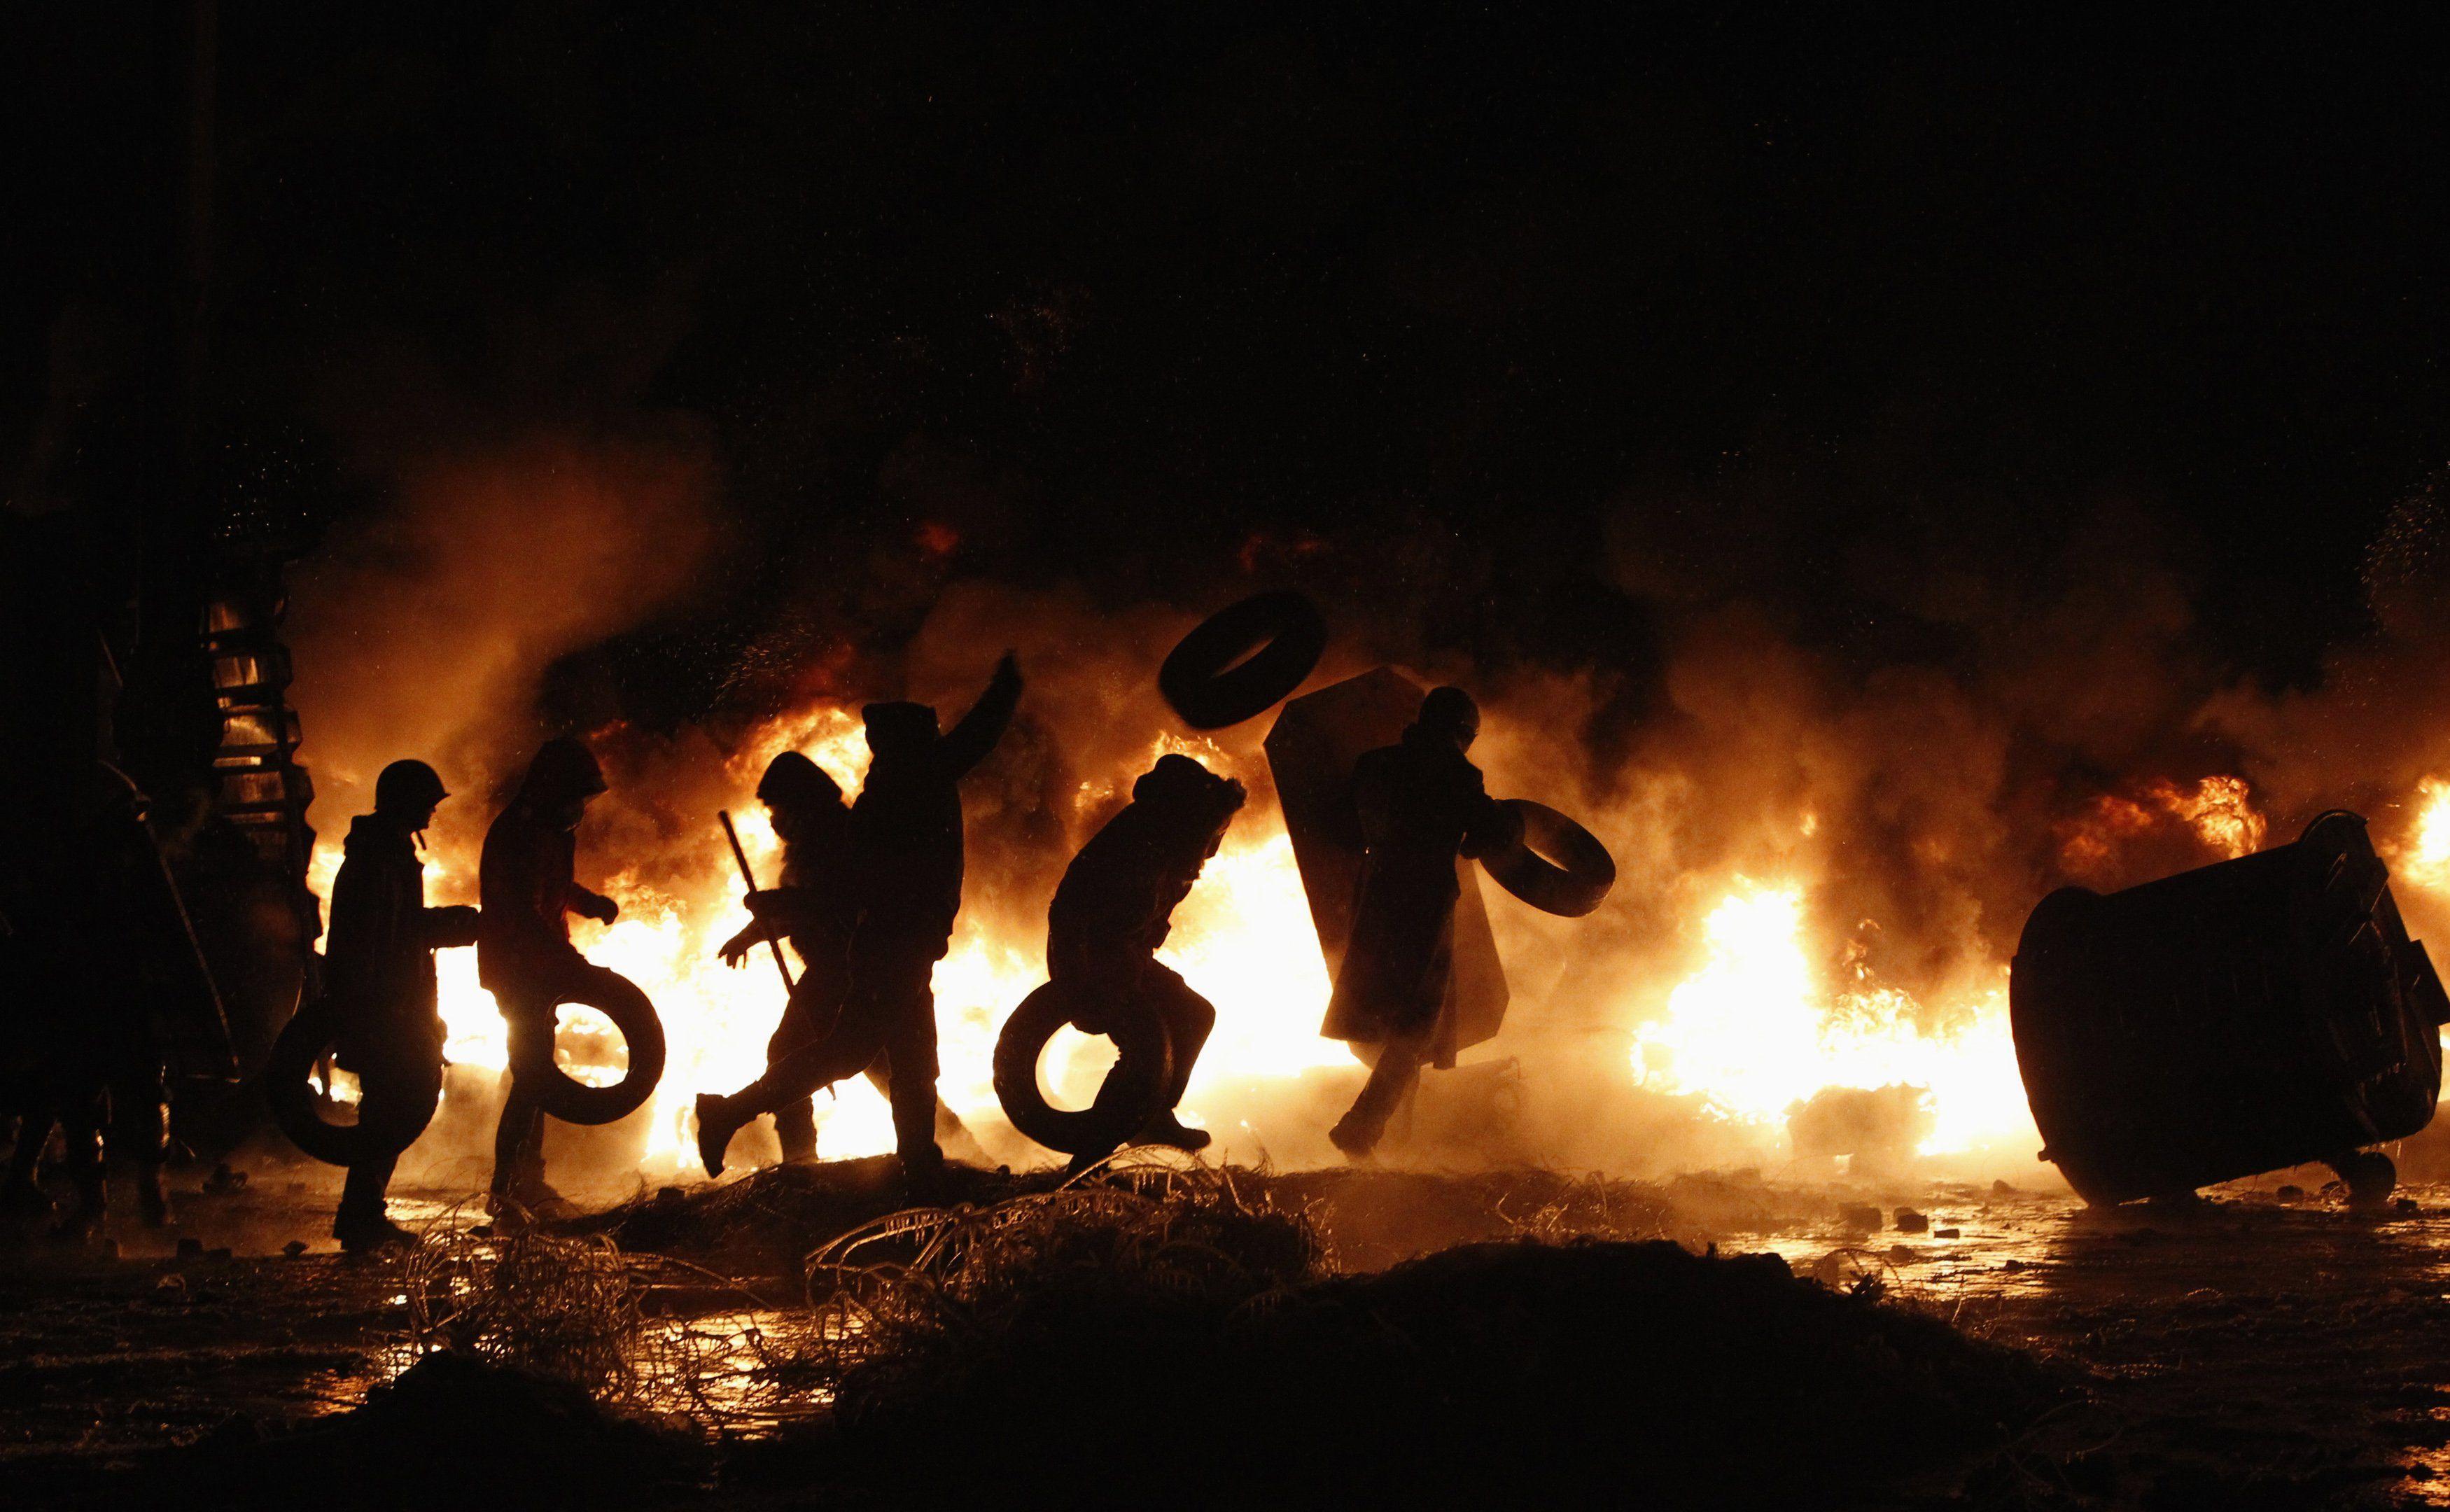 На Грушевского продолжаются пожары и стычки